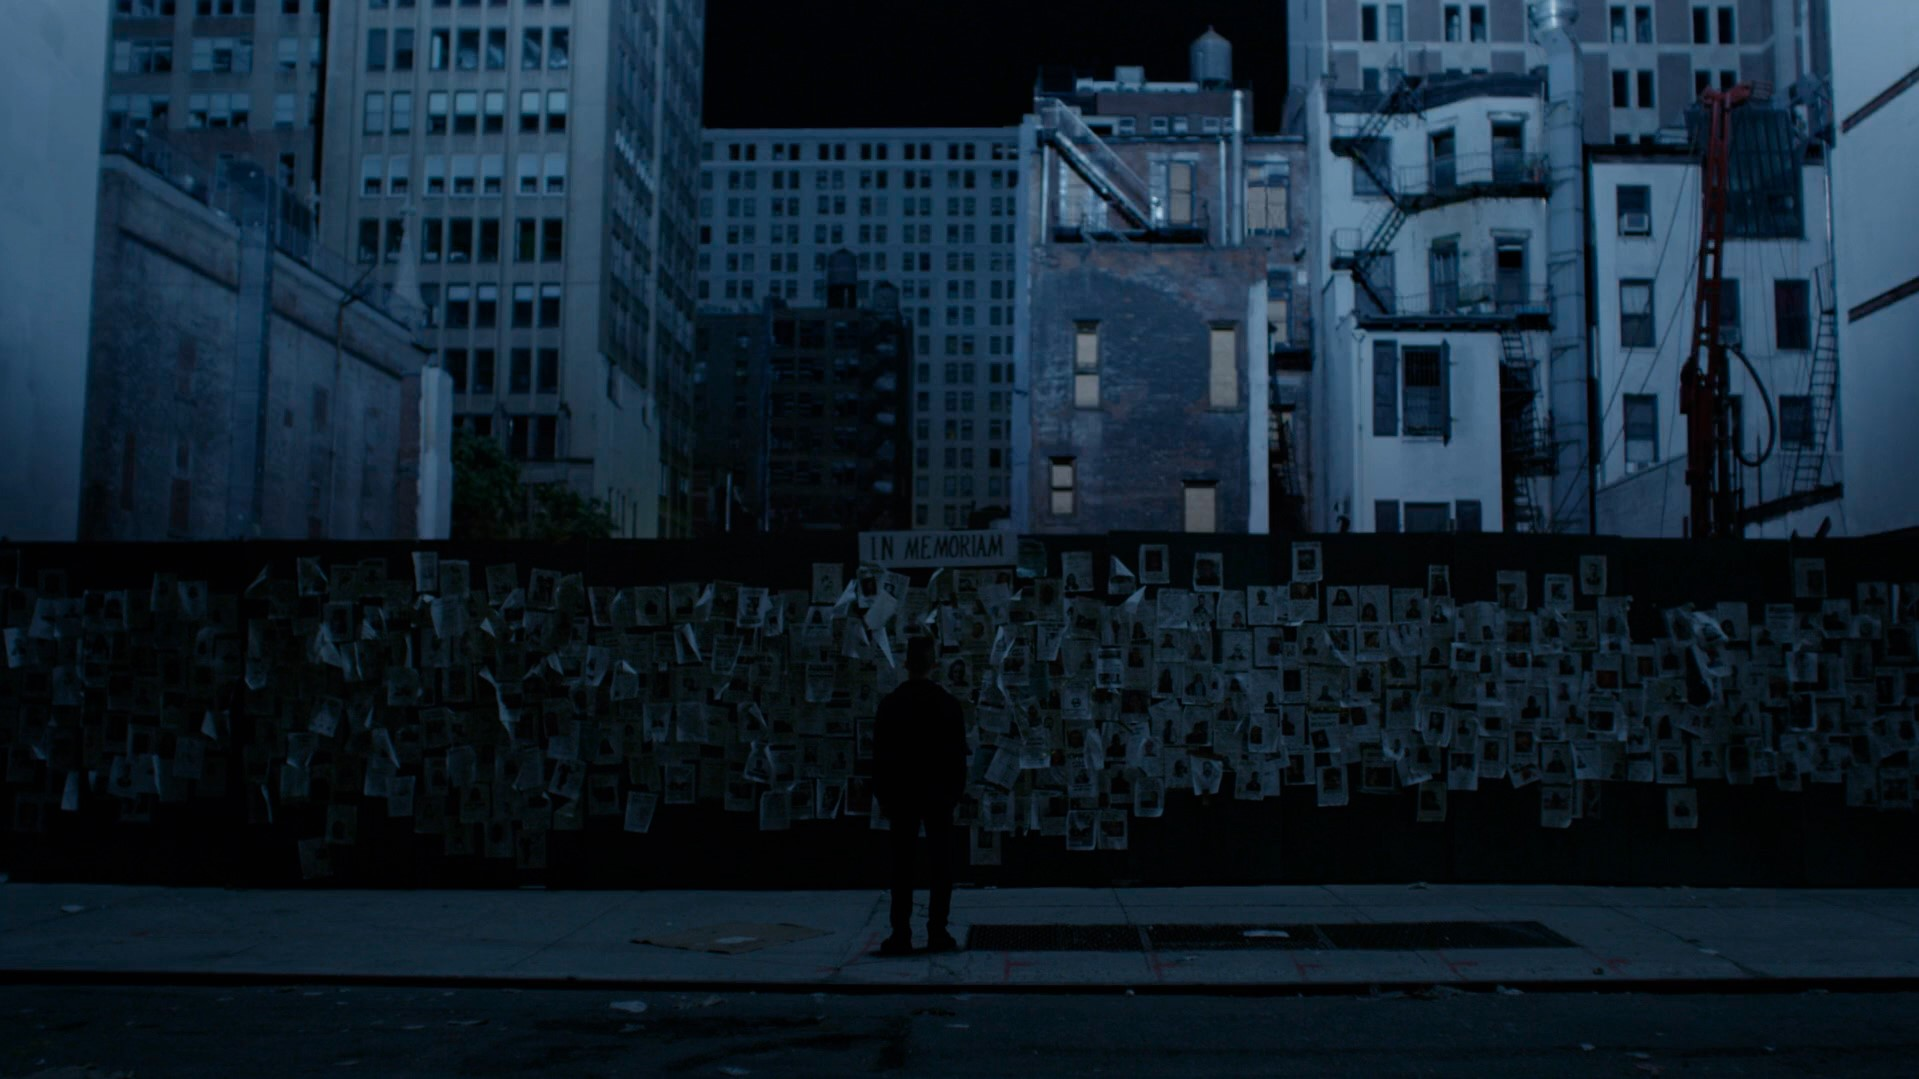 Elliot encarando uma parede com retratos em homenagem, enquanto as ruas estão apagadas sem luz